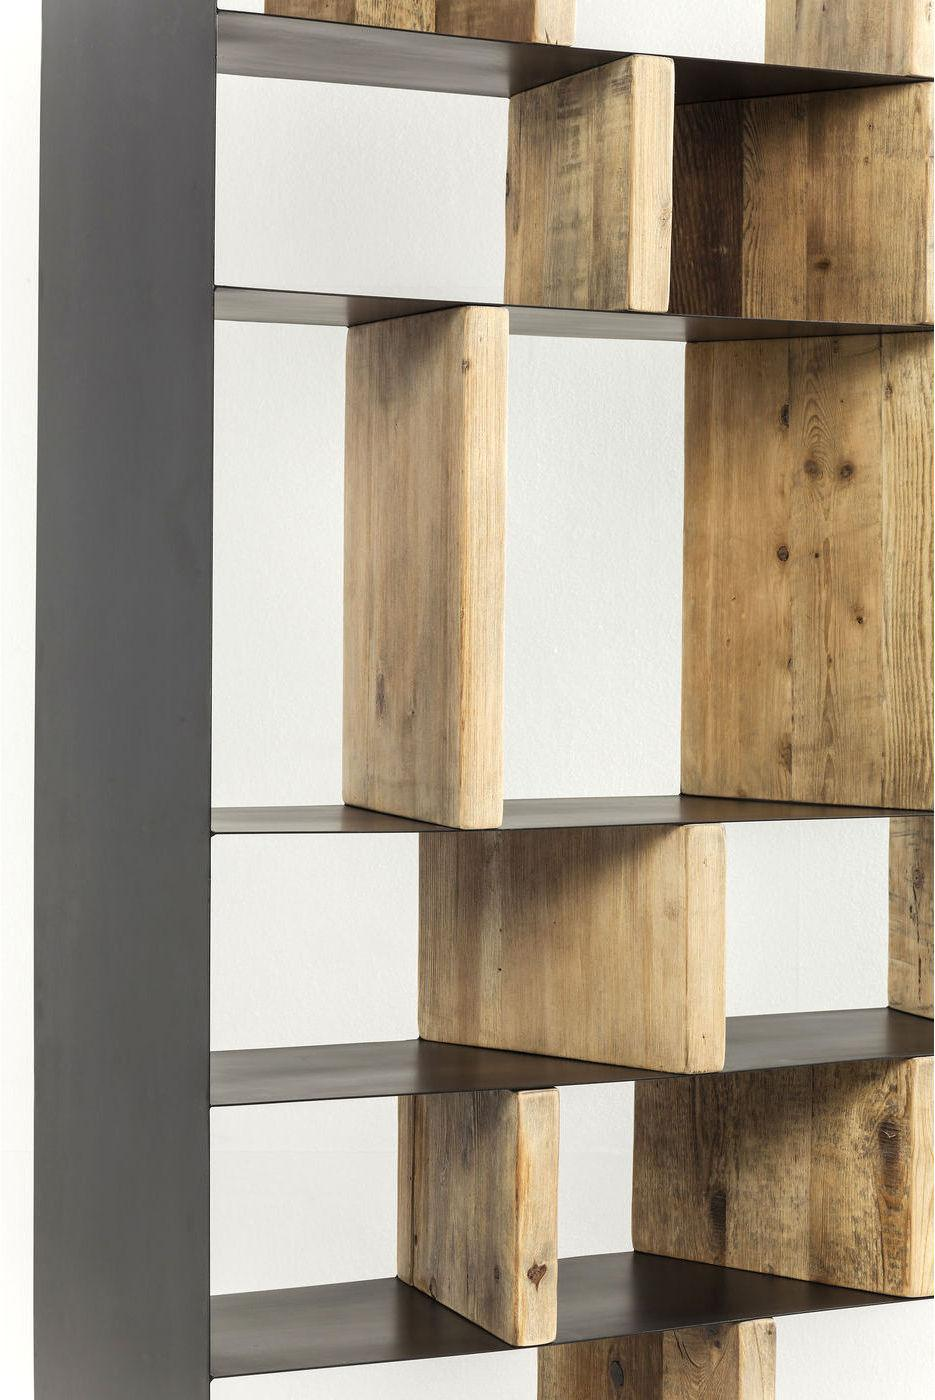 Kare design boekenkast storm 2 deurs h234cm designwonen for Boekenkast design